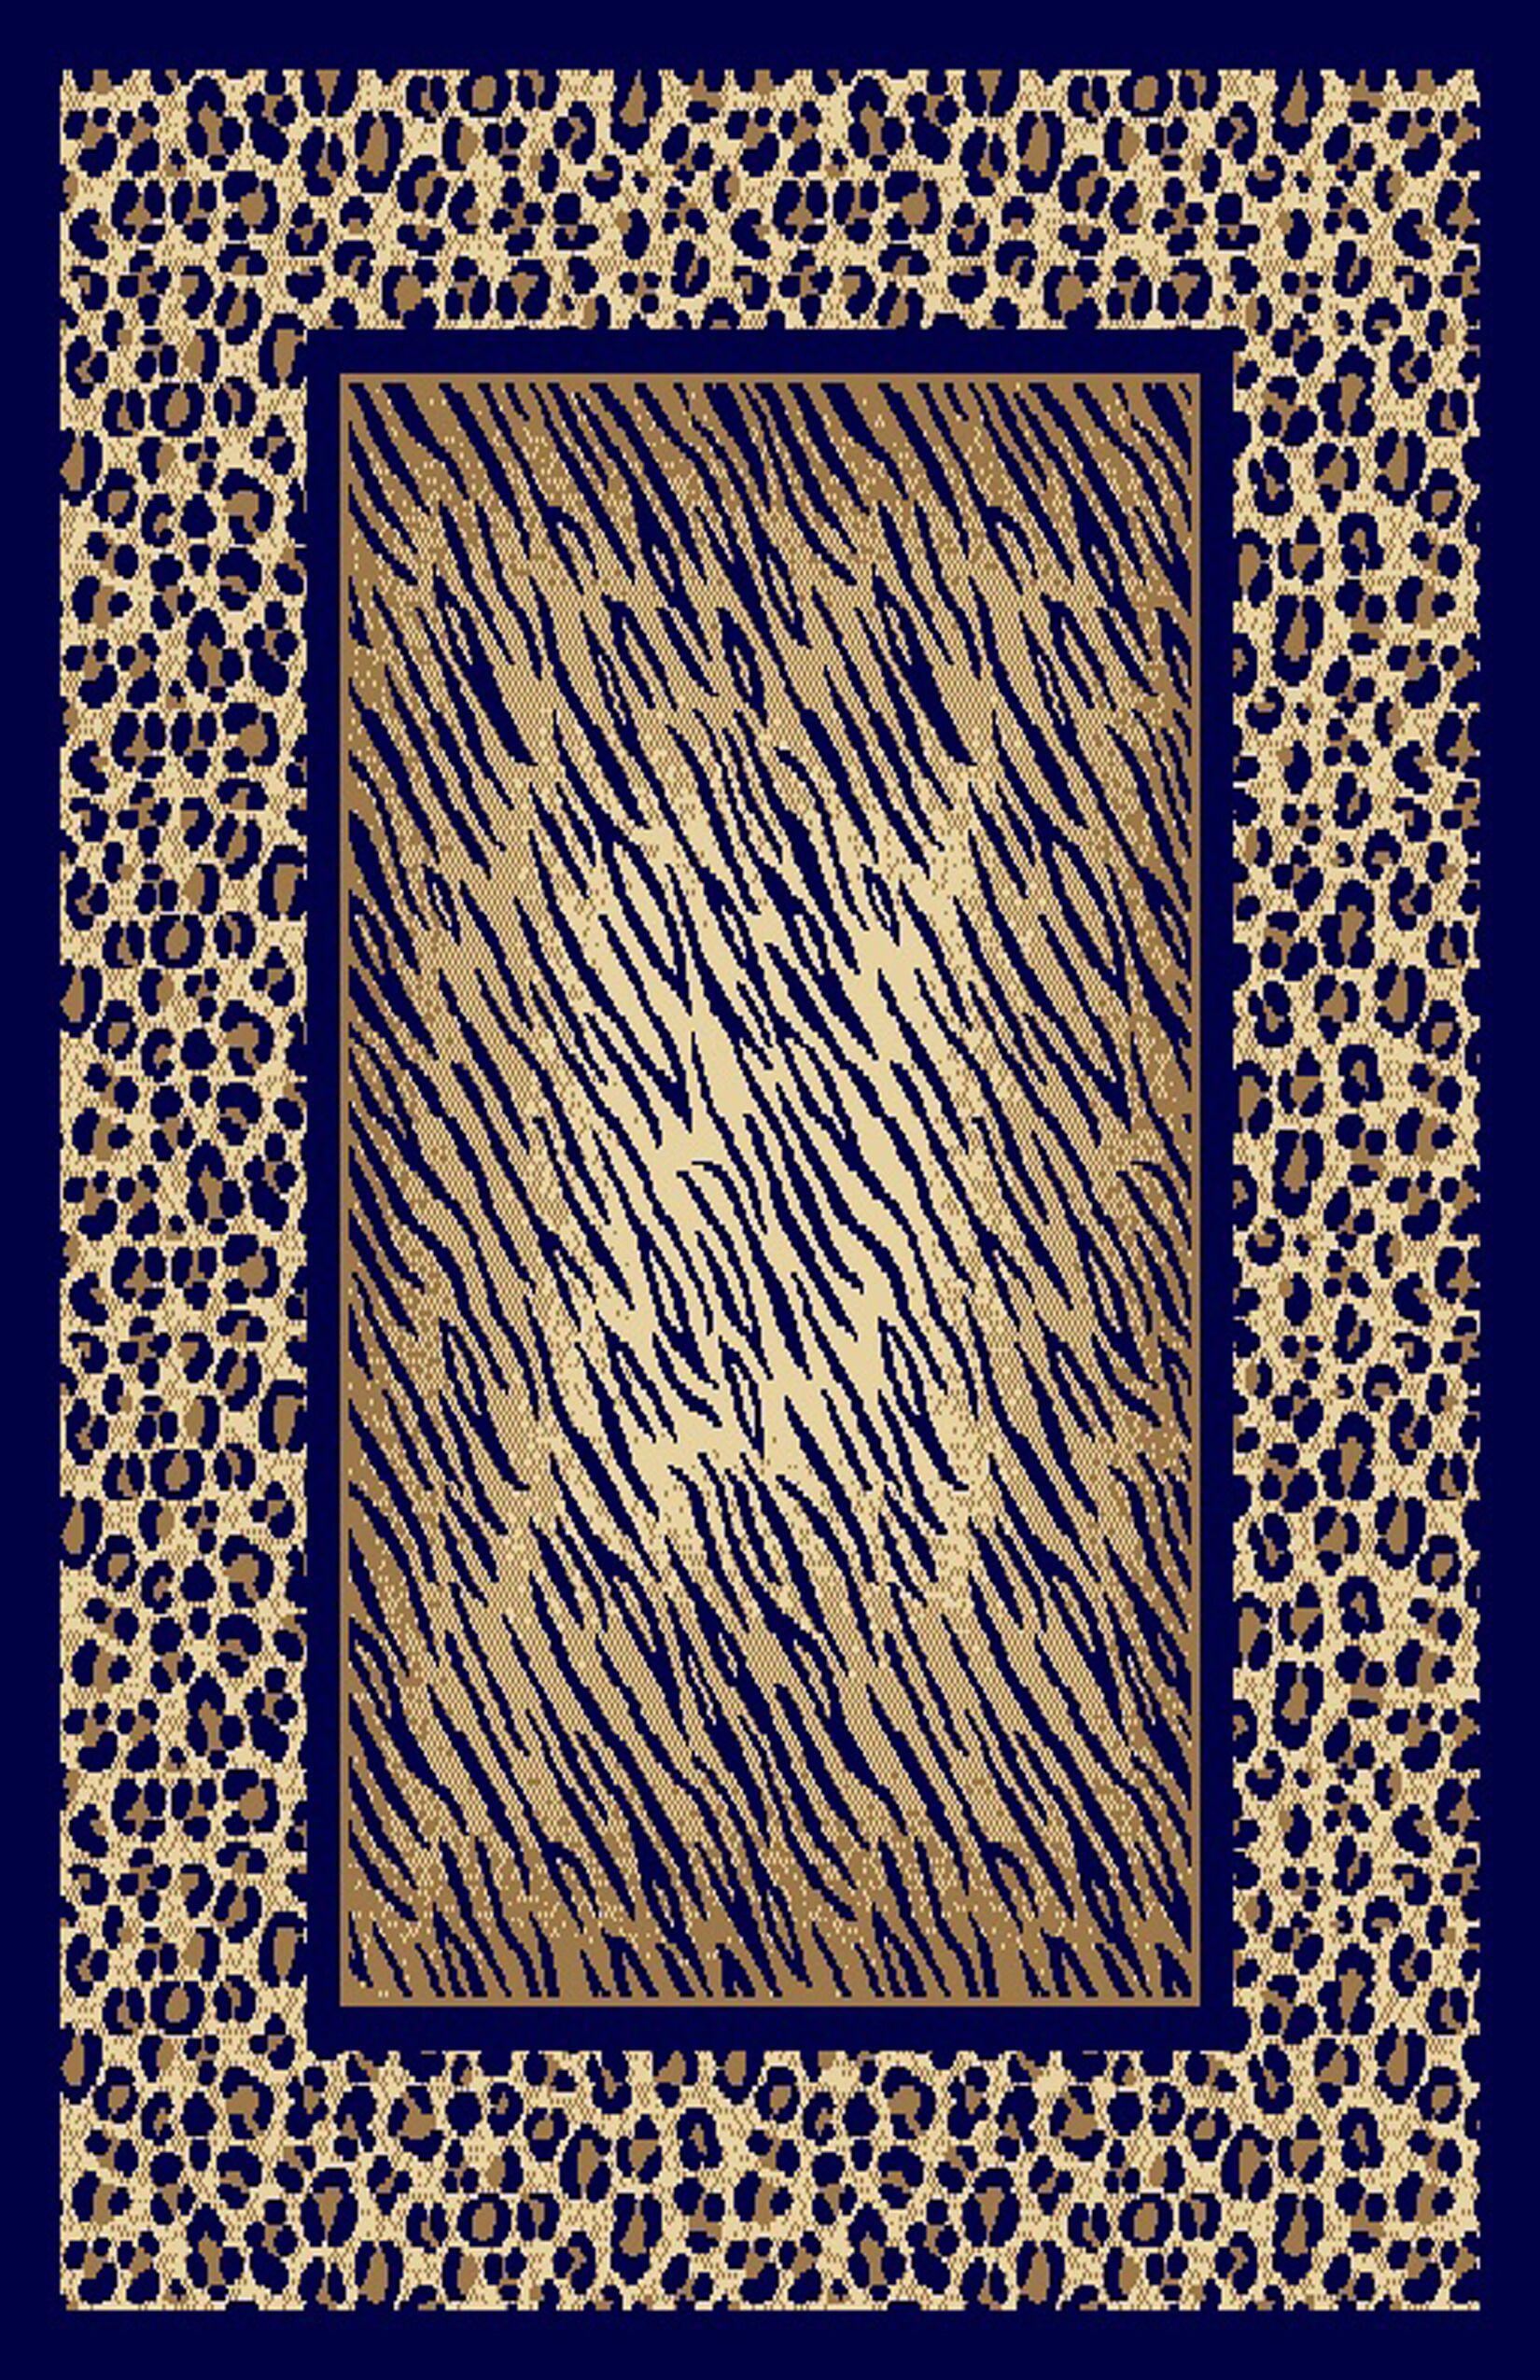 Dianna Navy Blue/Beige Area Rug Rug Size: 7'11